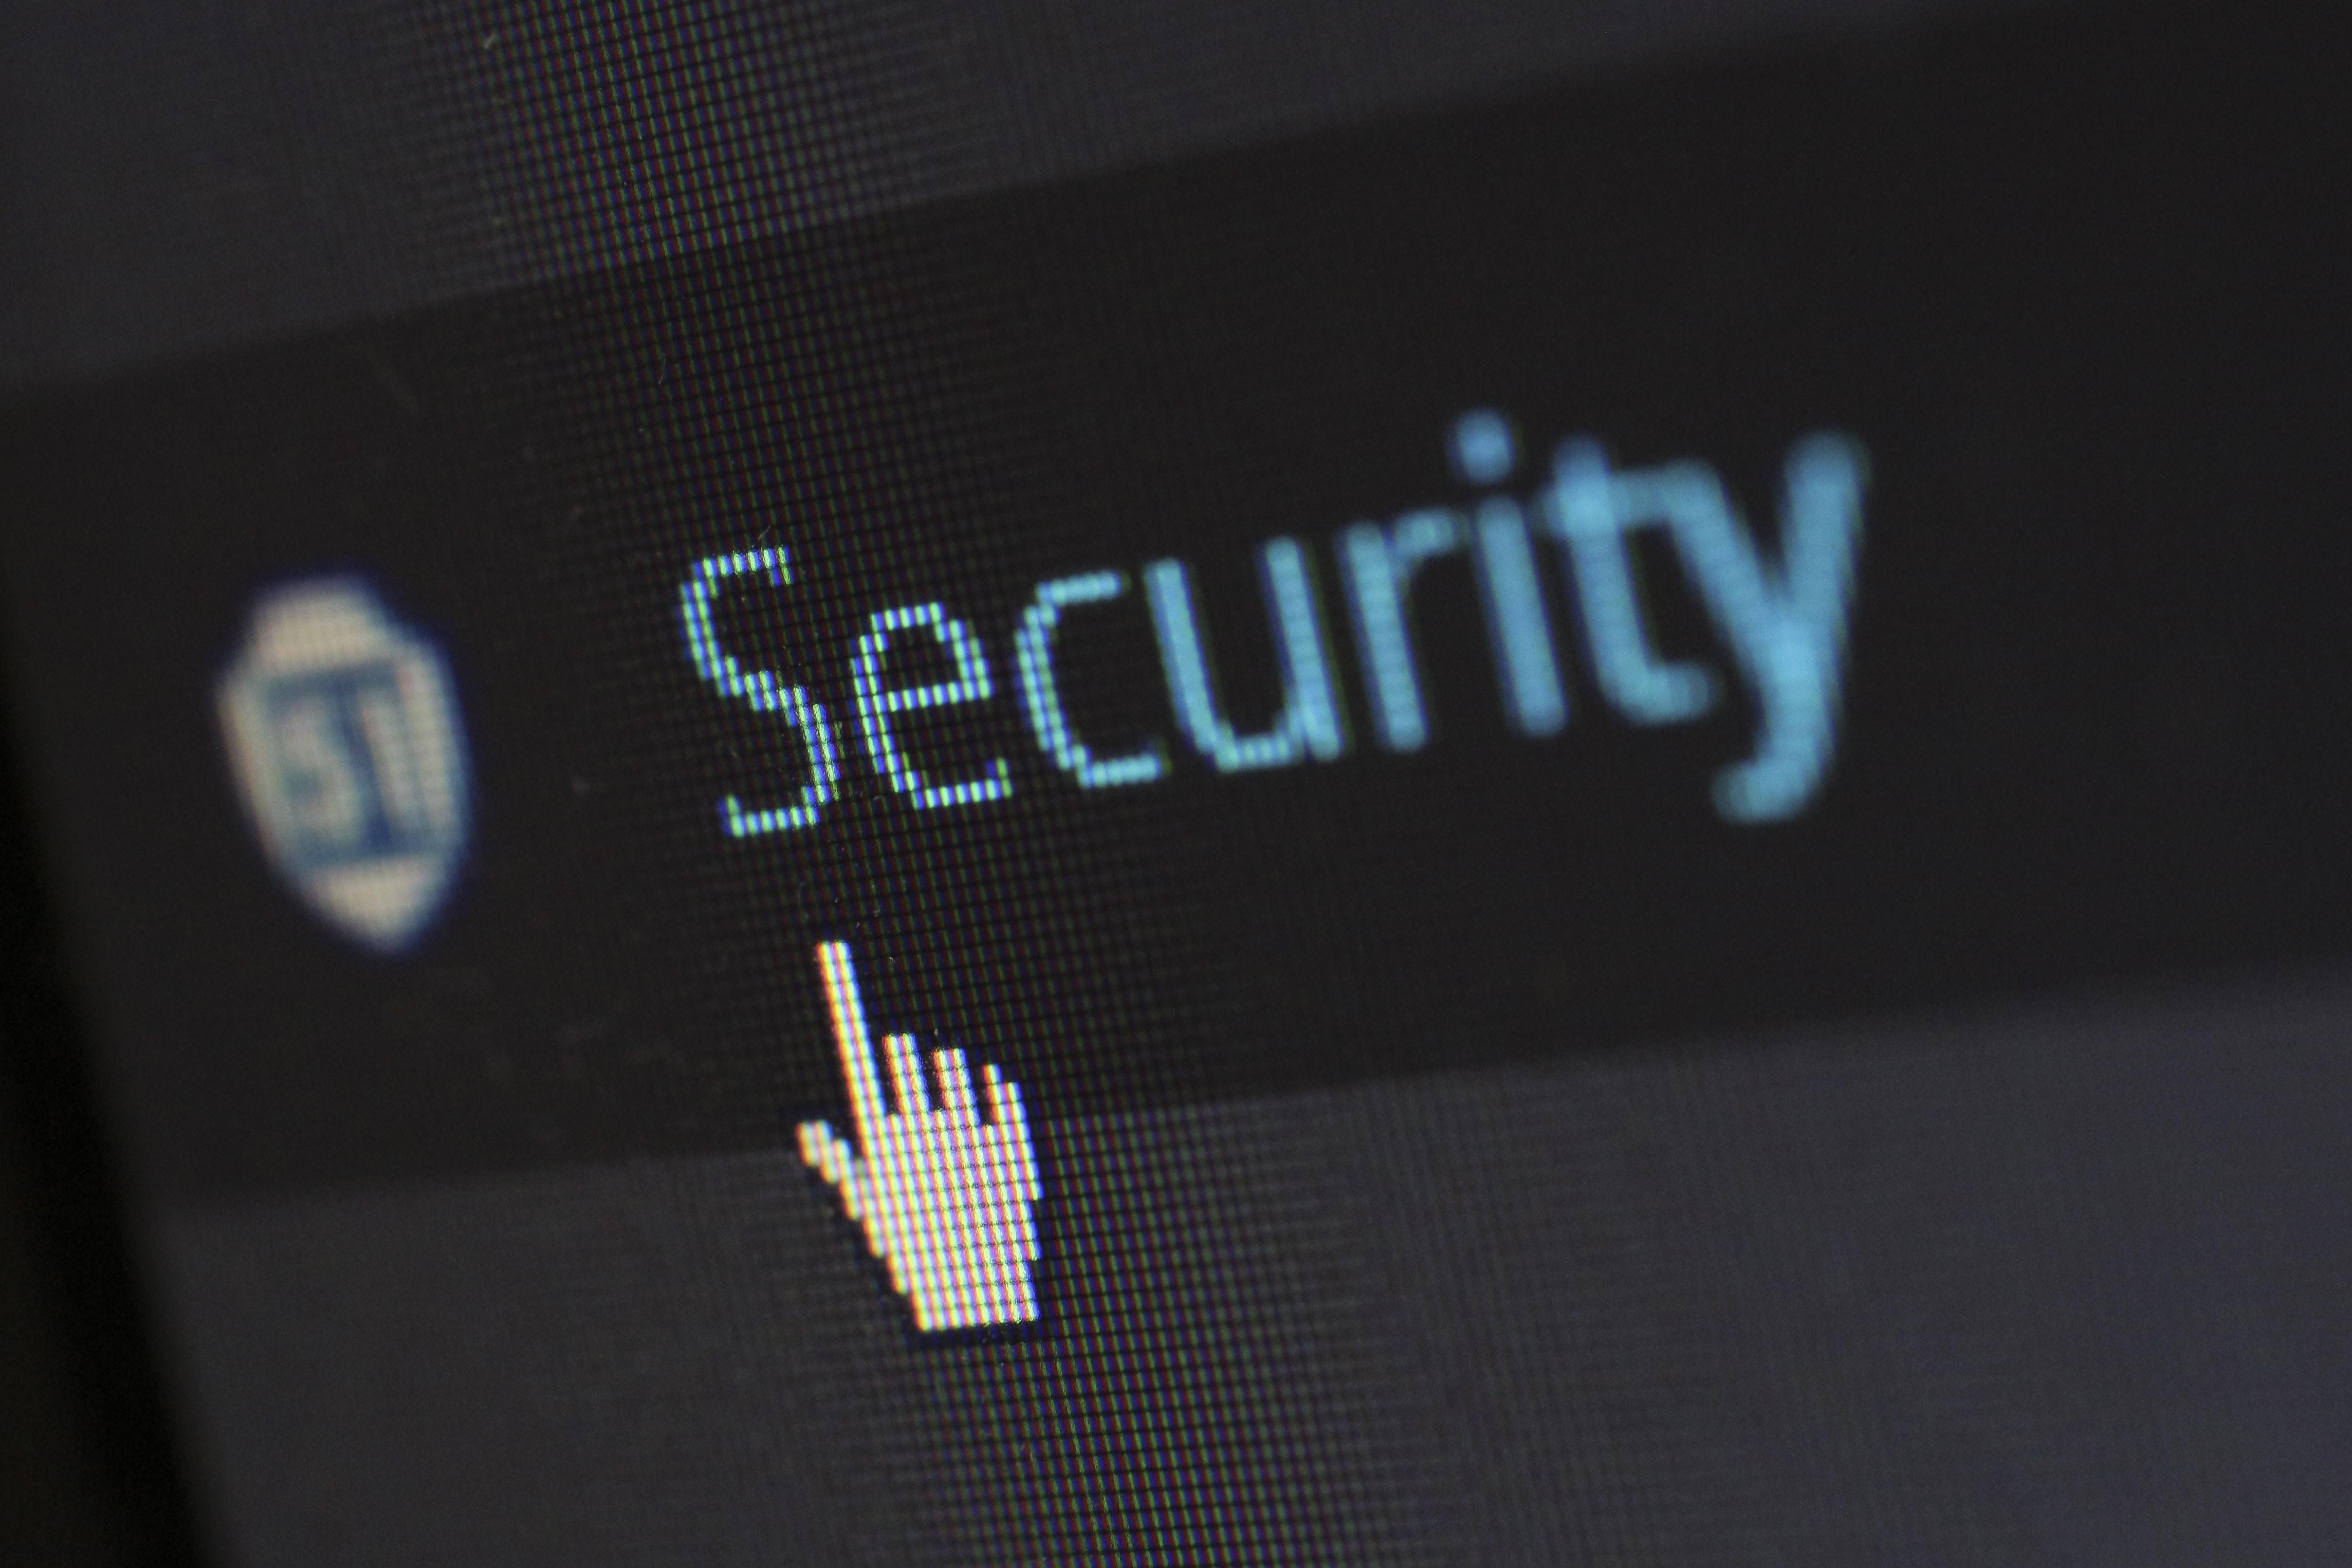 Protección de datos y computación cuántica, tendencias digitales de 2021